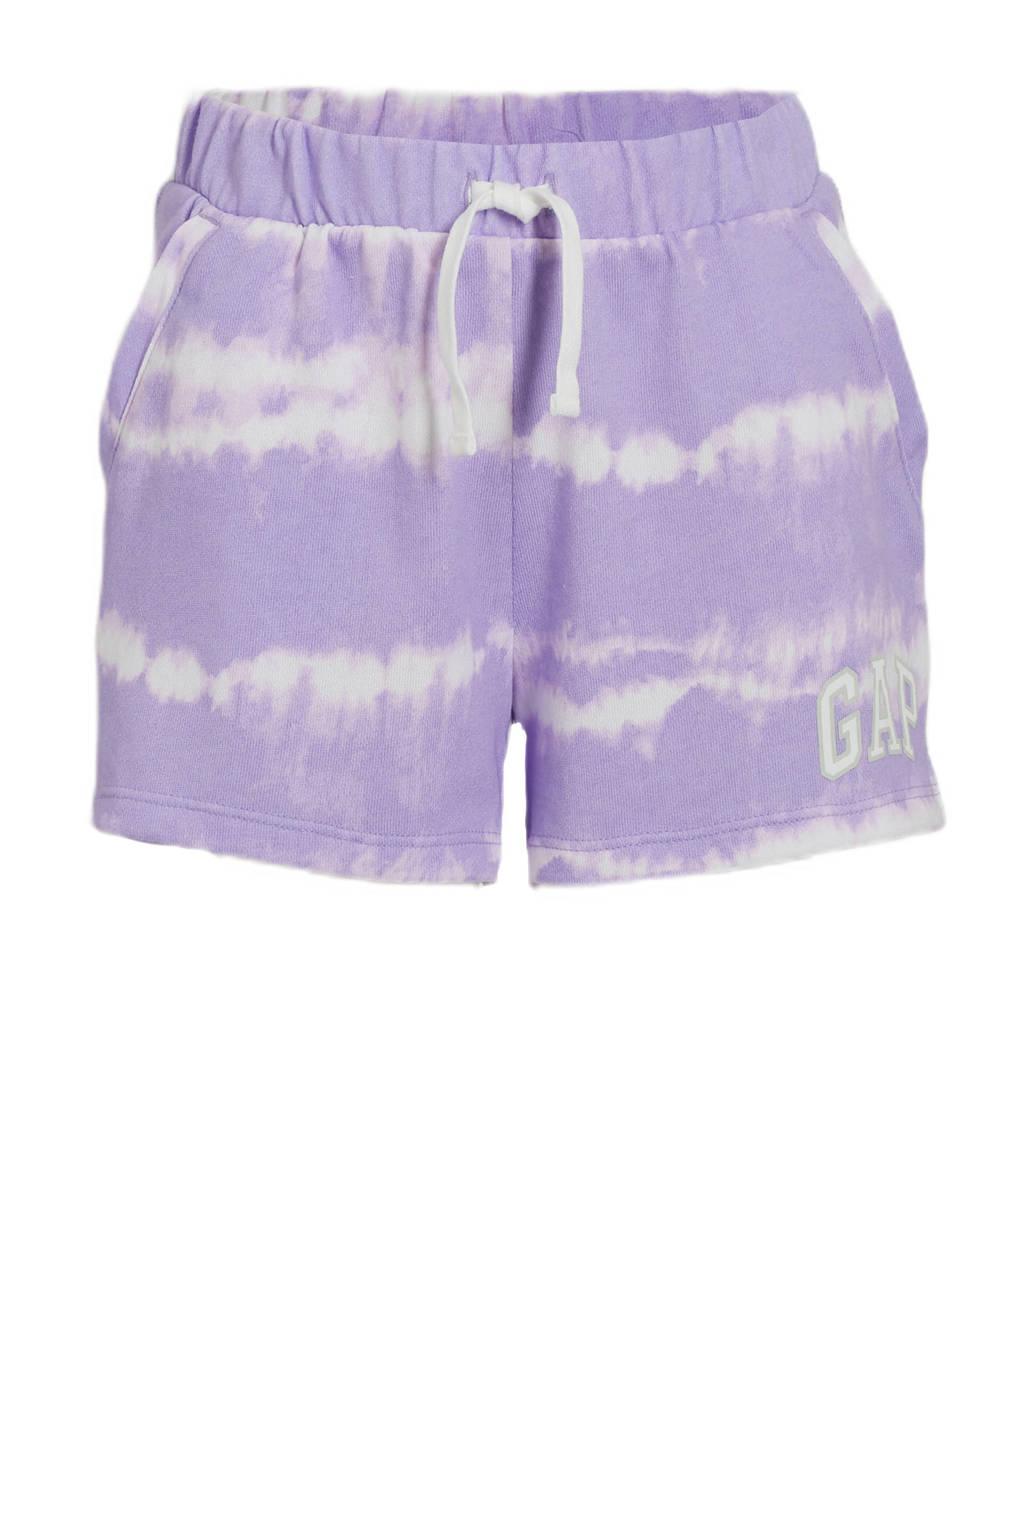 GAP tie-dyeregular fit sweatshort lila/wit, Lila/wit